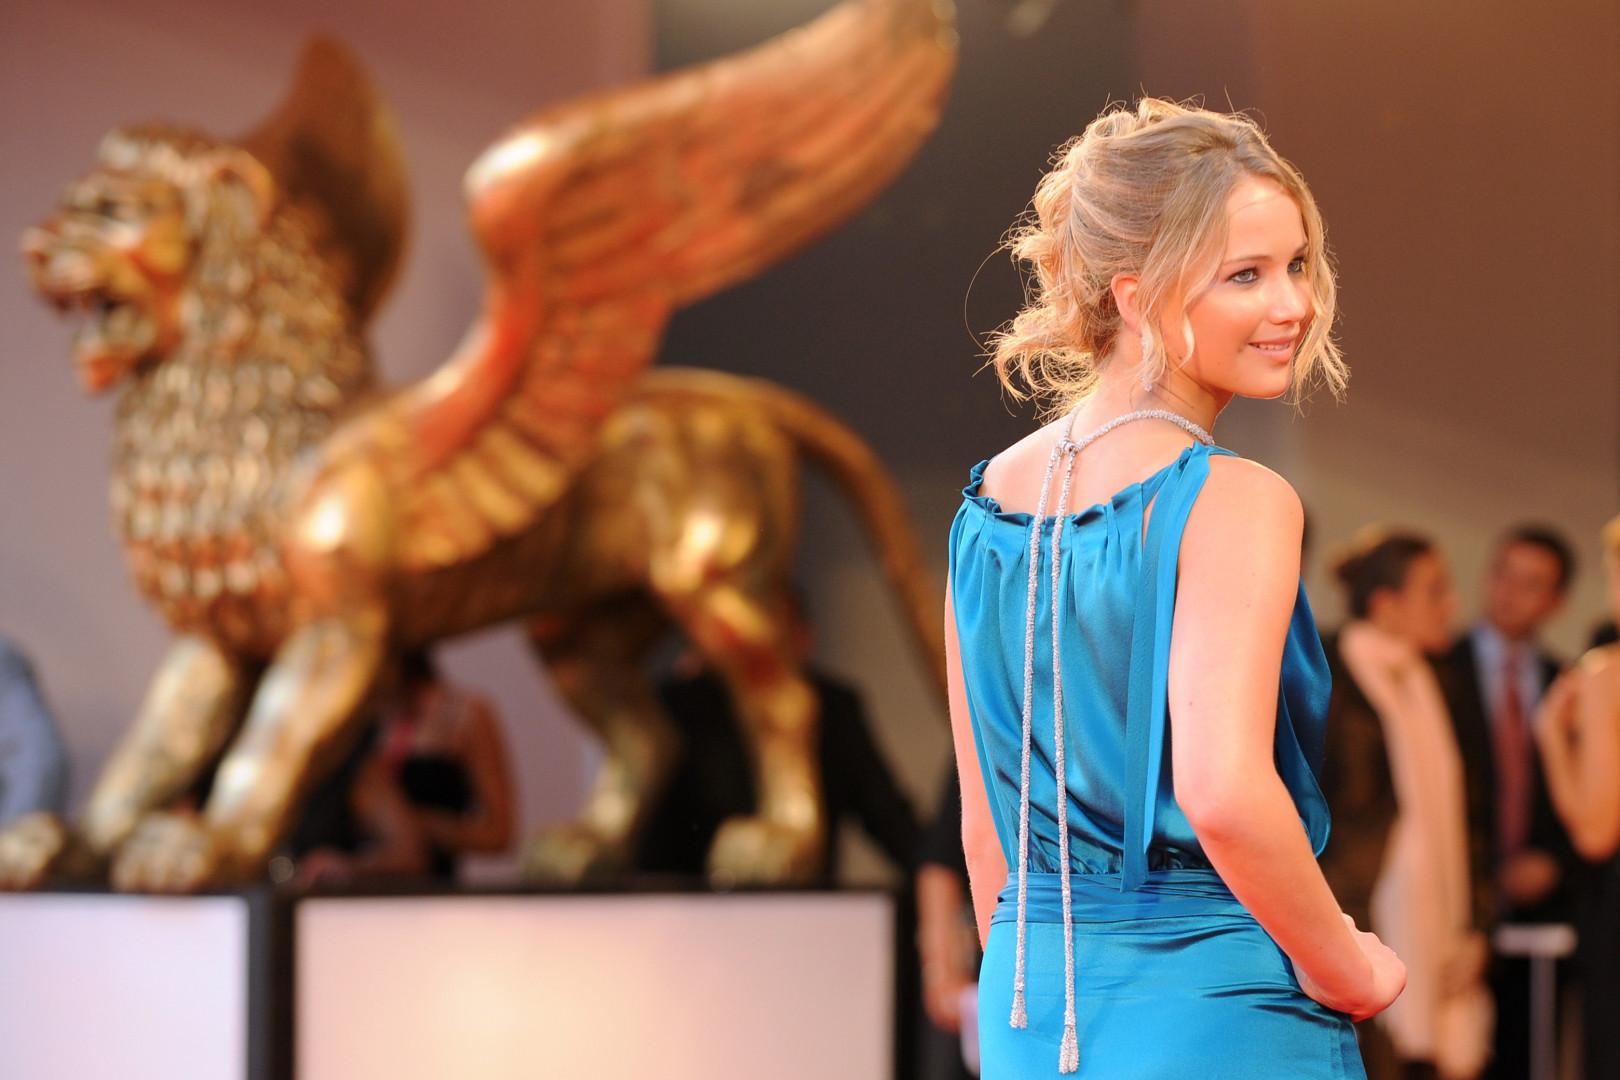 L'actrice n'a pas encore connu le succès mondiale qu'on lui connaît lorsqu'elle défile à cette avant-première en 2008